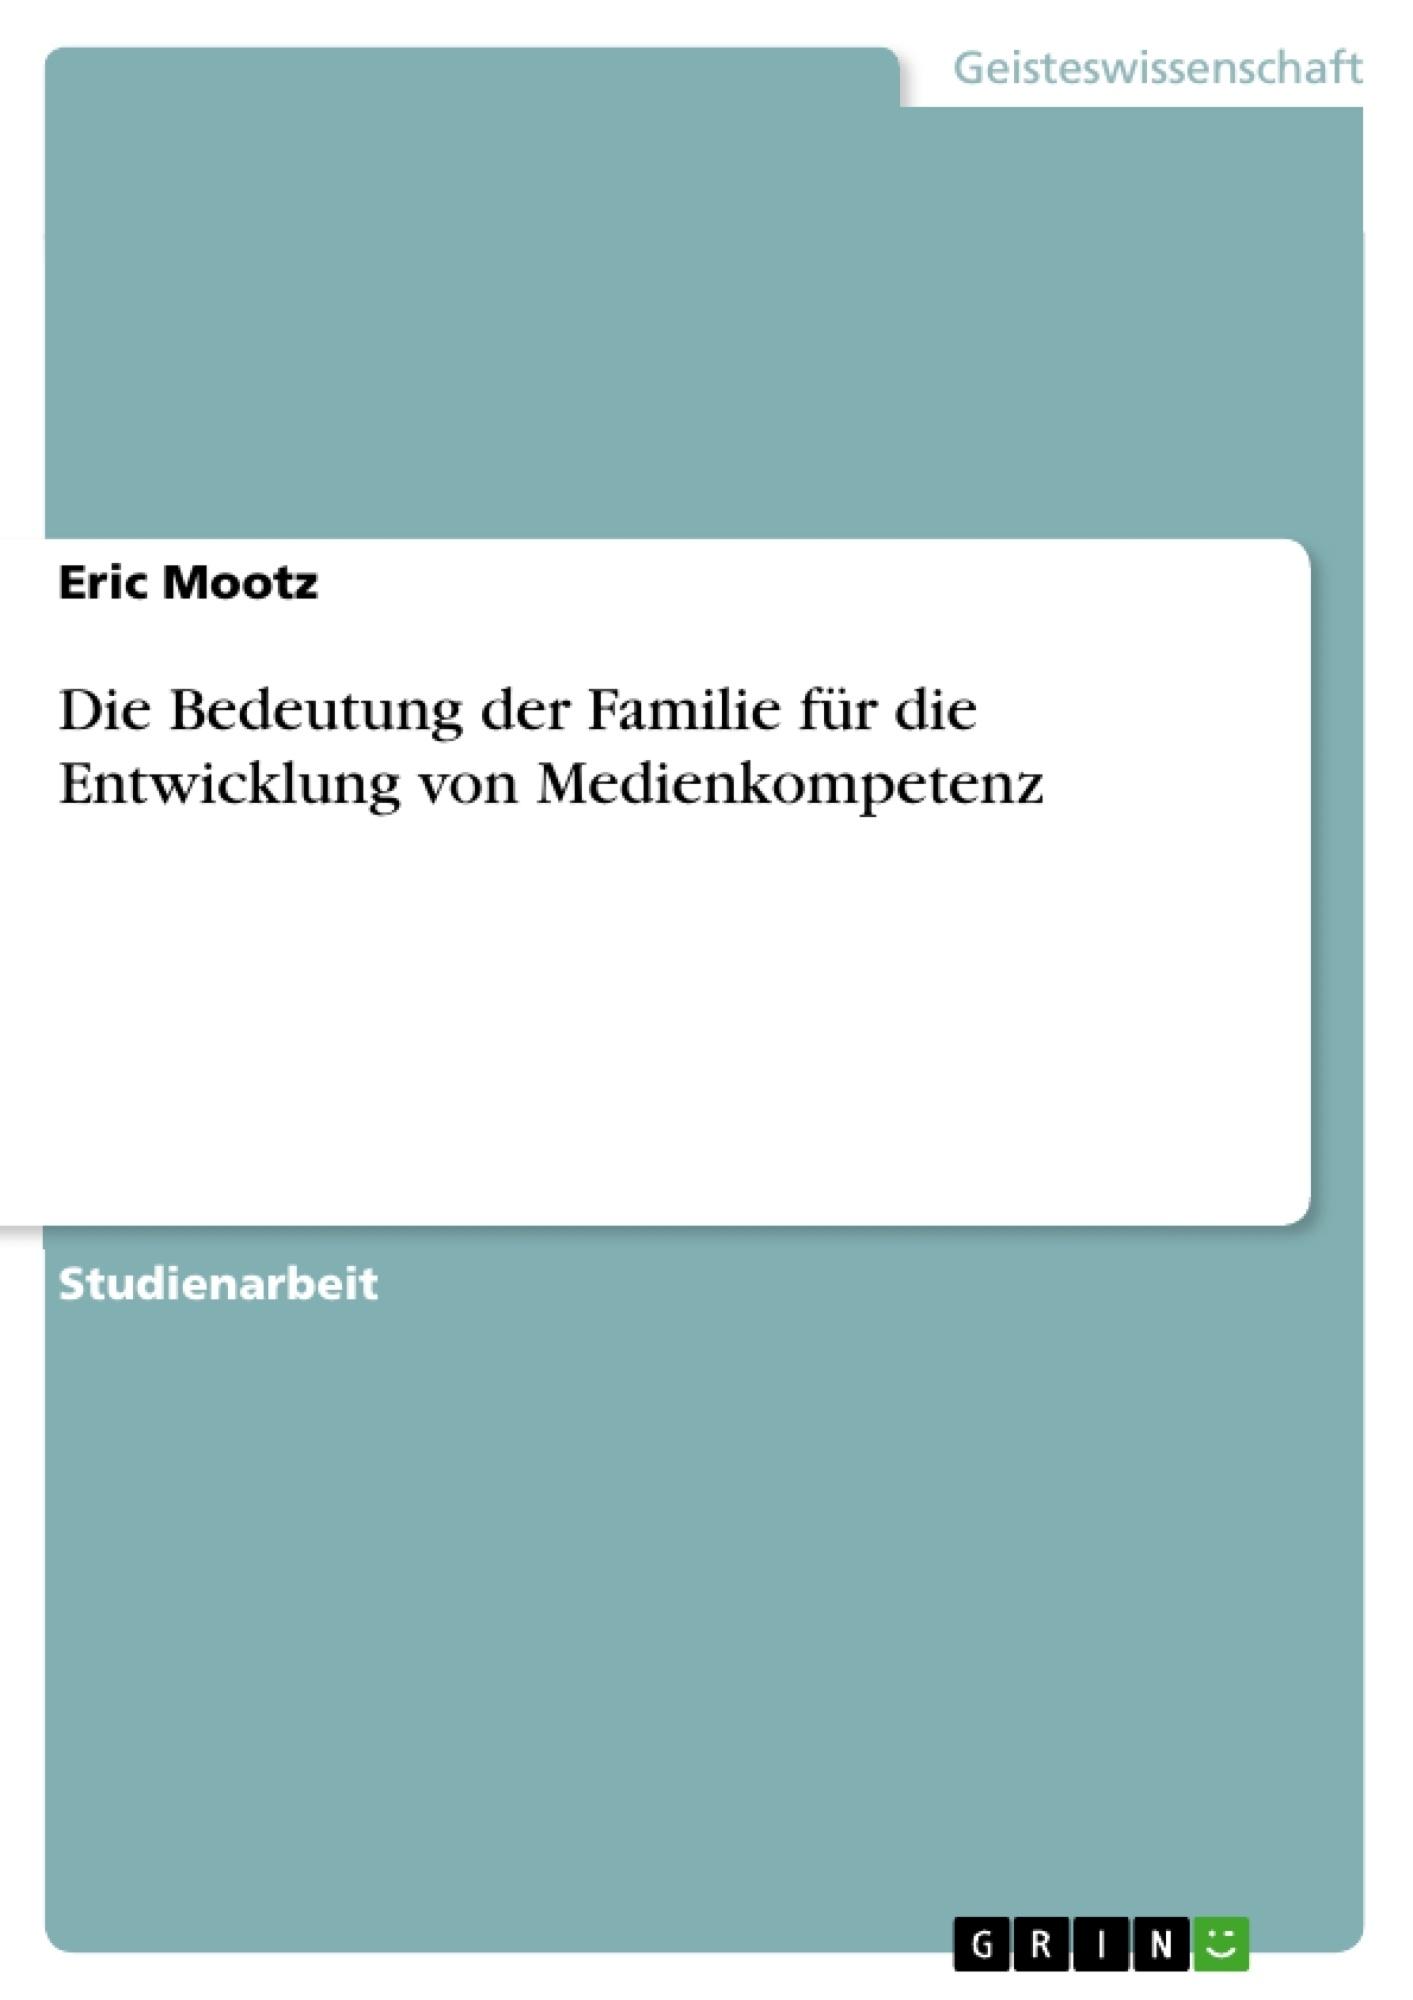 Titel: Die Bedeutung der Familie für die Entwicklung von Medienkompetenz